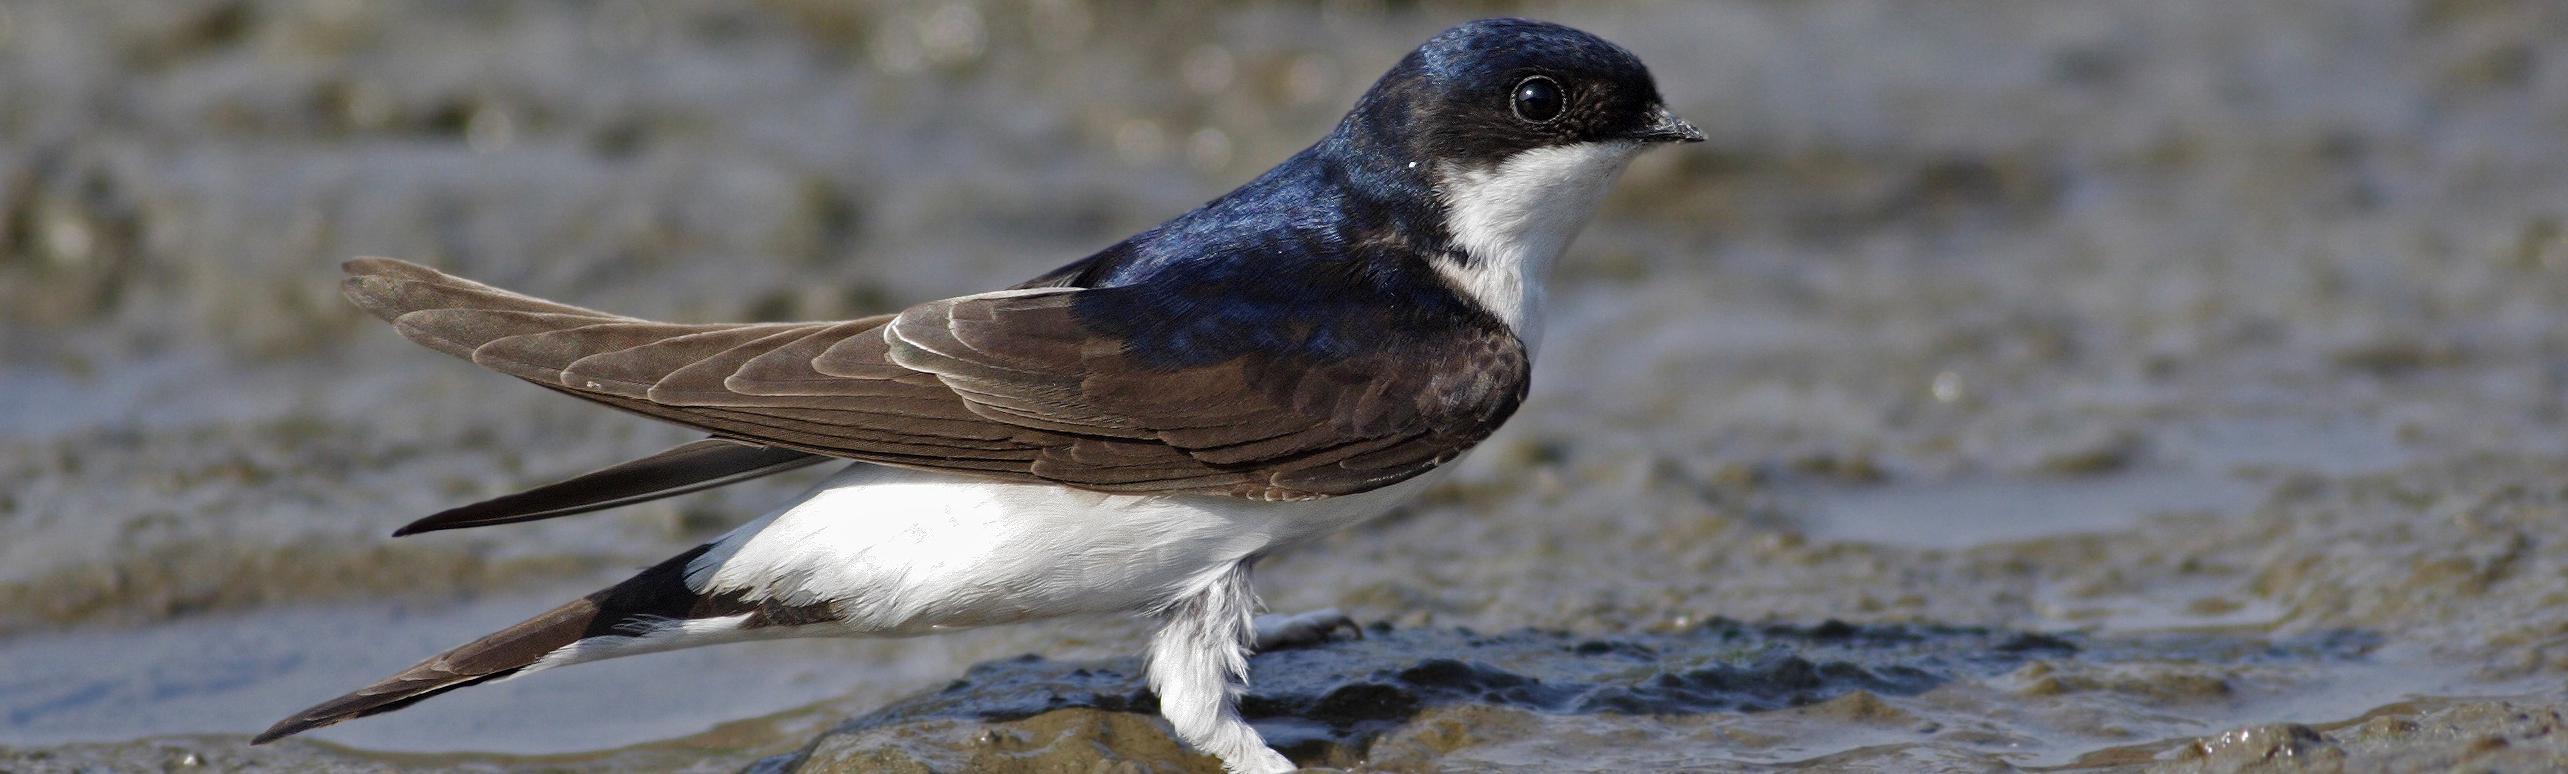 De huiszwaluw is een kleine zwart-witte zangvogel die zich thuis voelt tussen de mensen. Toch staat de soort de laatste jaren meer en meer onder druk.